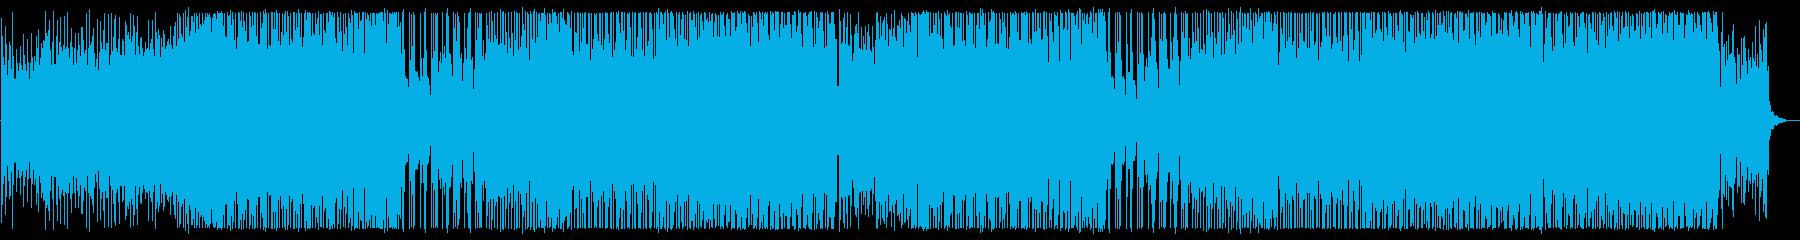 元気で活気ある力強いシンセサイザーの曲の再生済みの波形